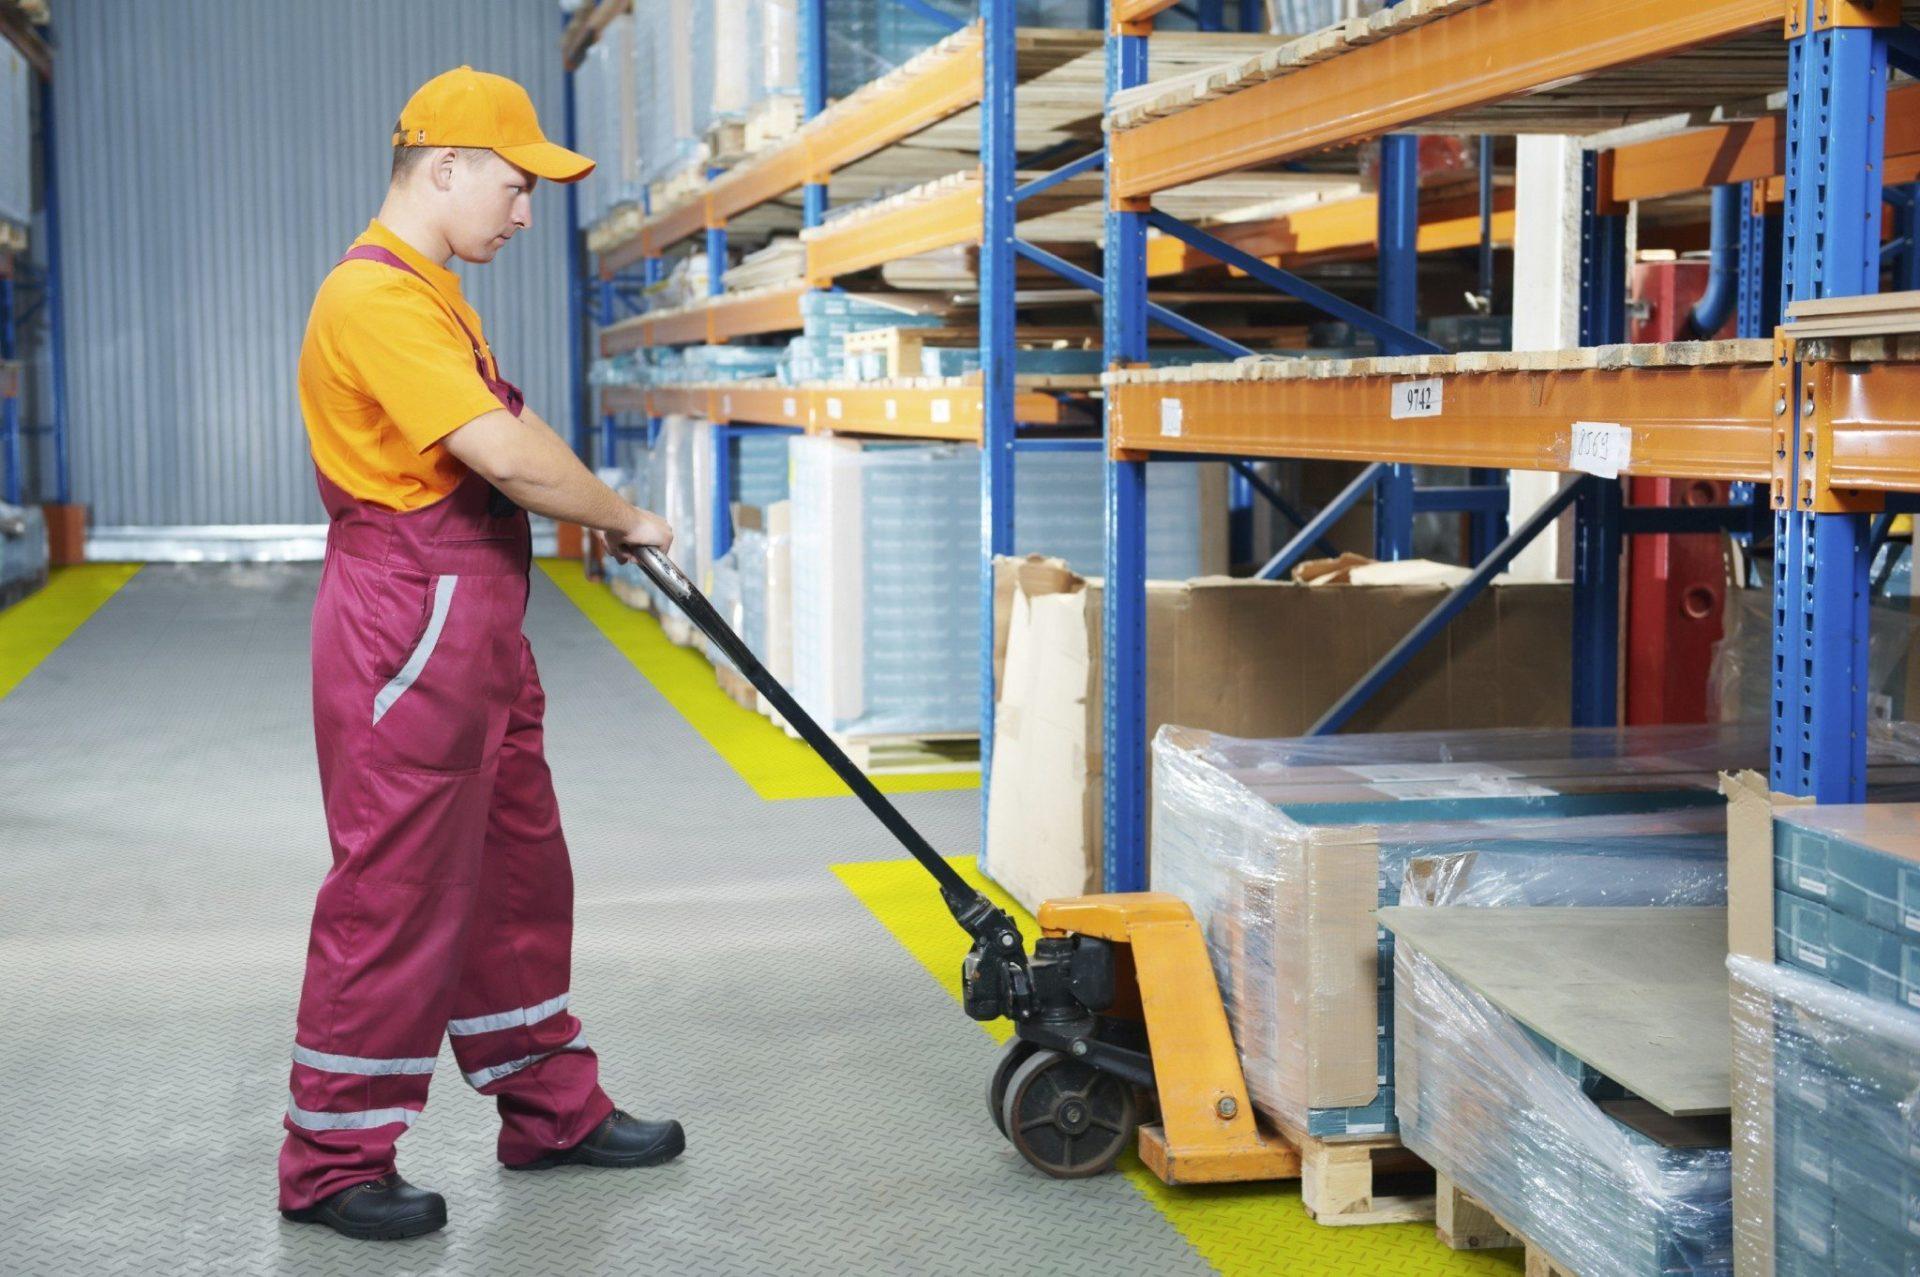 Fußboden Günstig Tank ~ Bodensanierung mit pvc bodenbelägen ✓ günstig schnell sauber